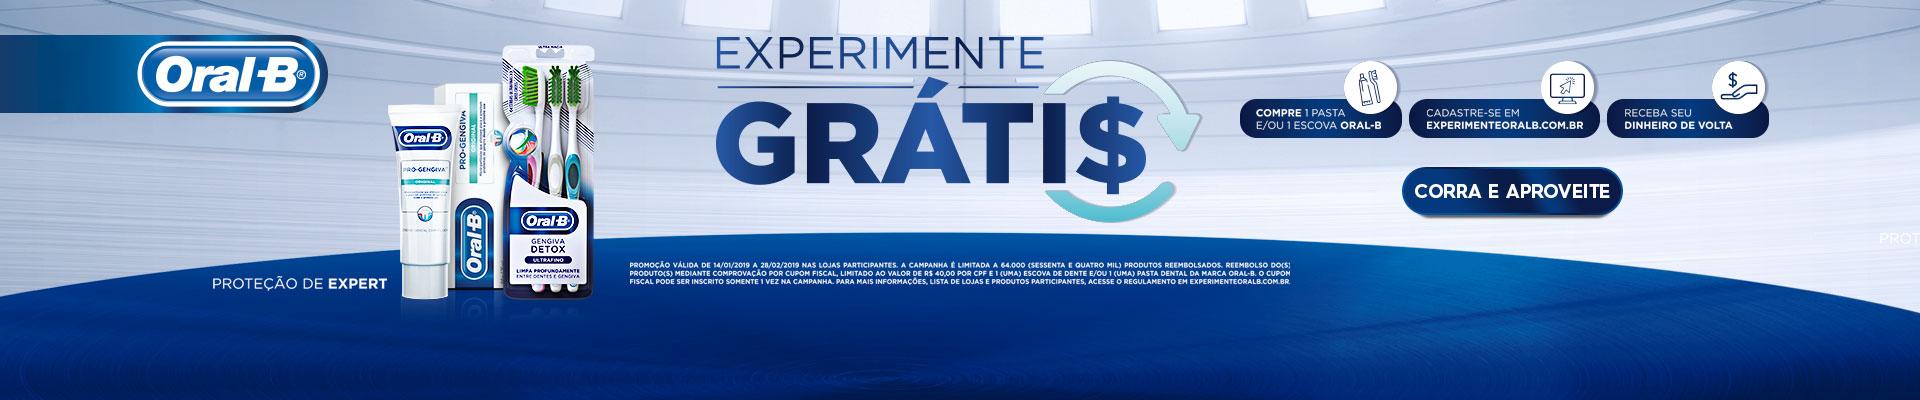 ORAL B EXPERIMENTE GRÁTIS